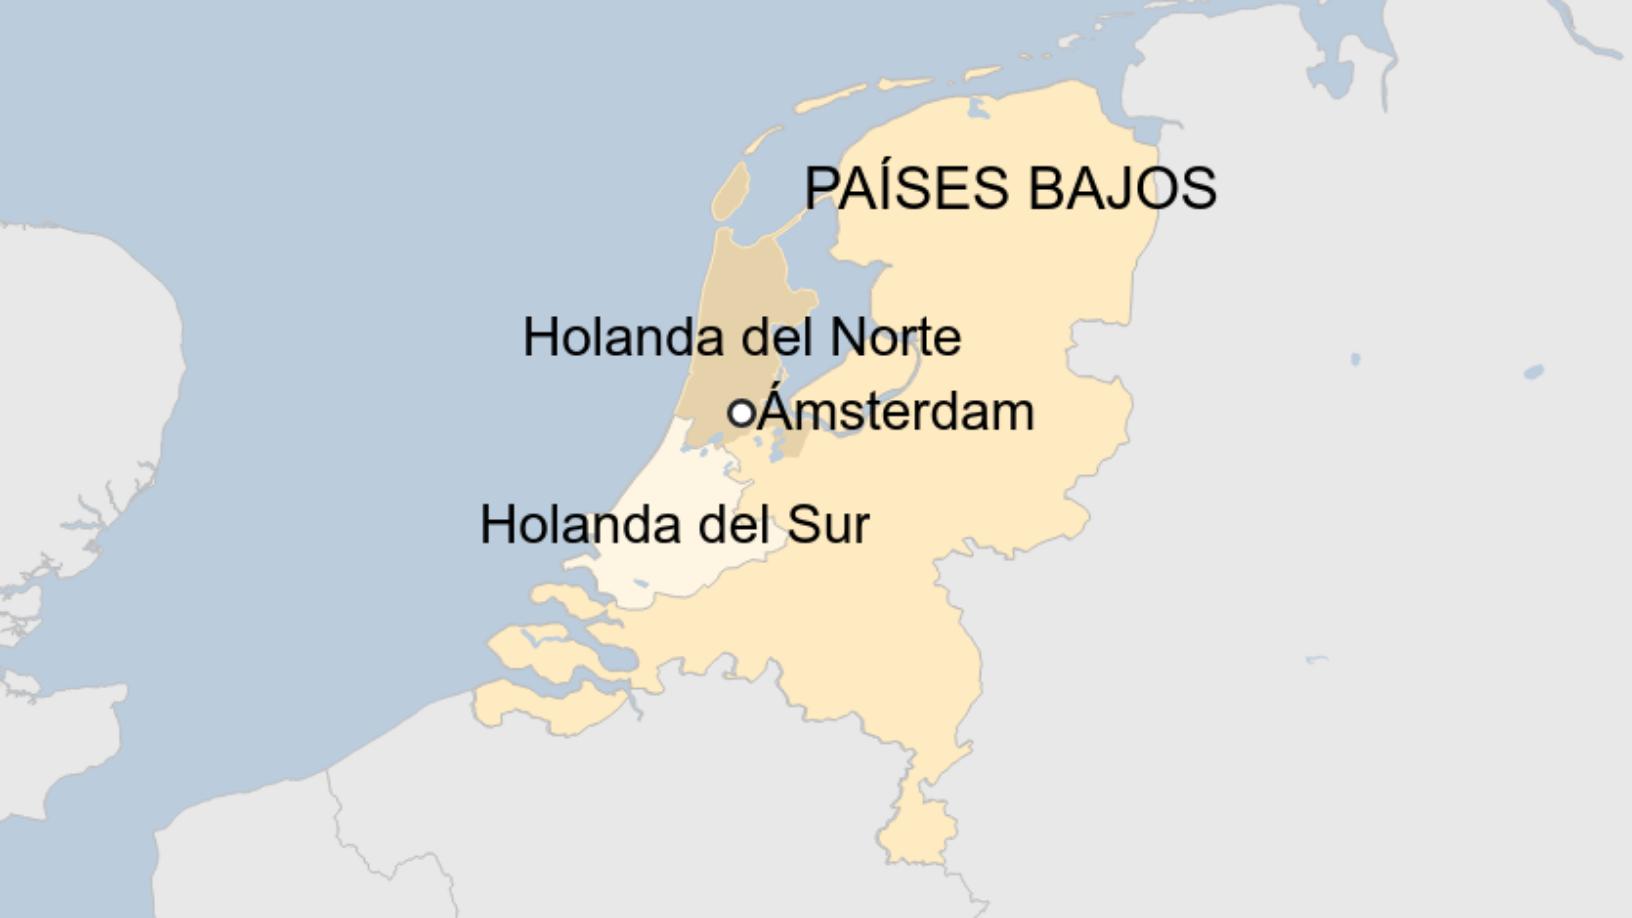 Países Bajos, no Holanda. 816